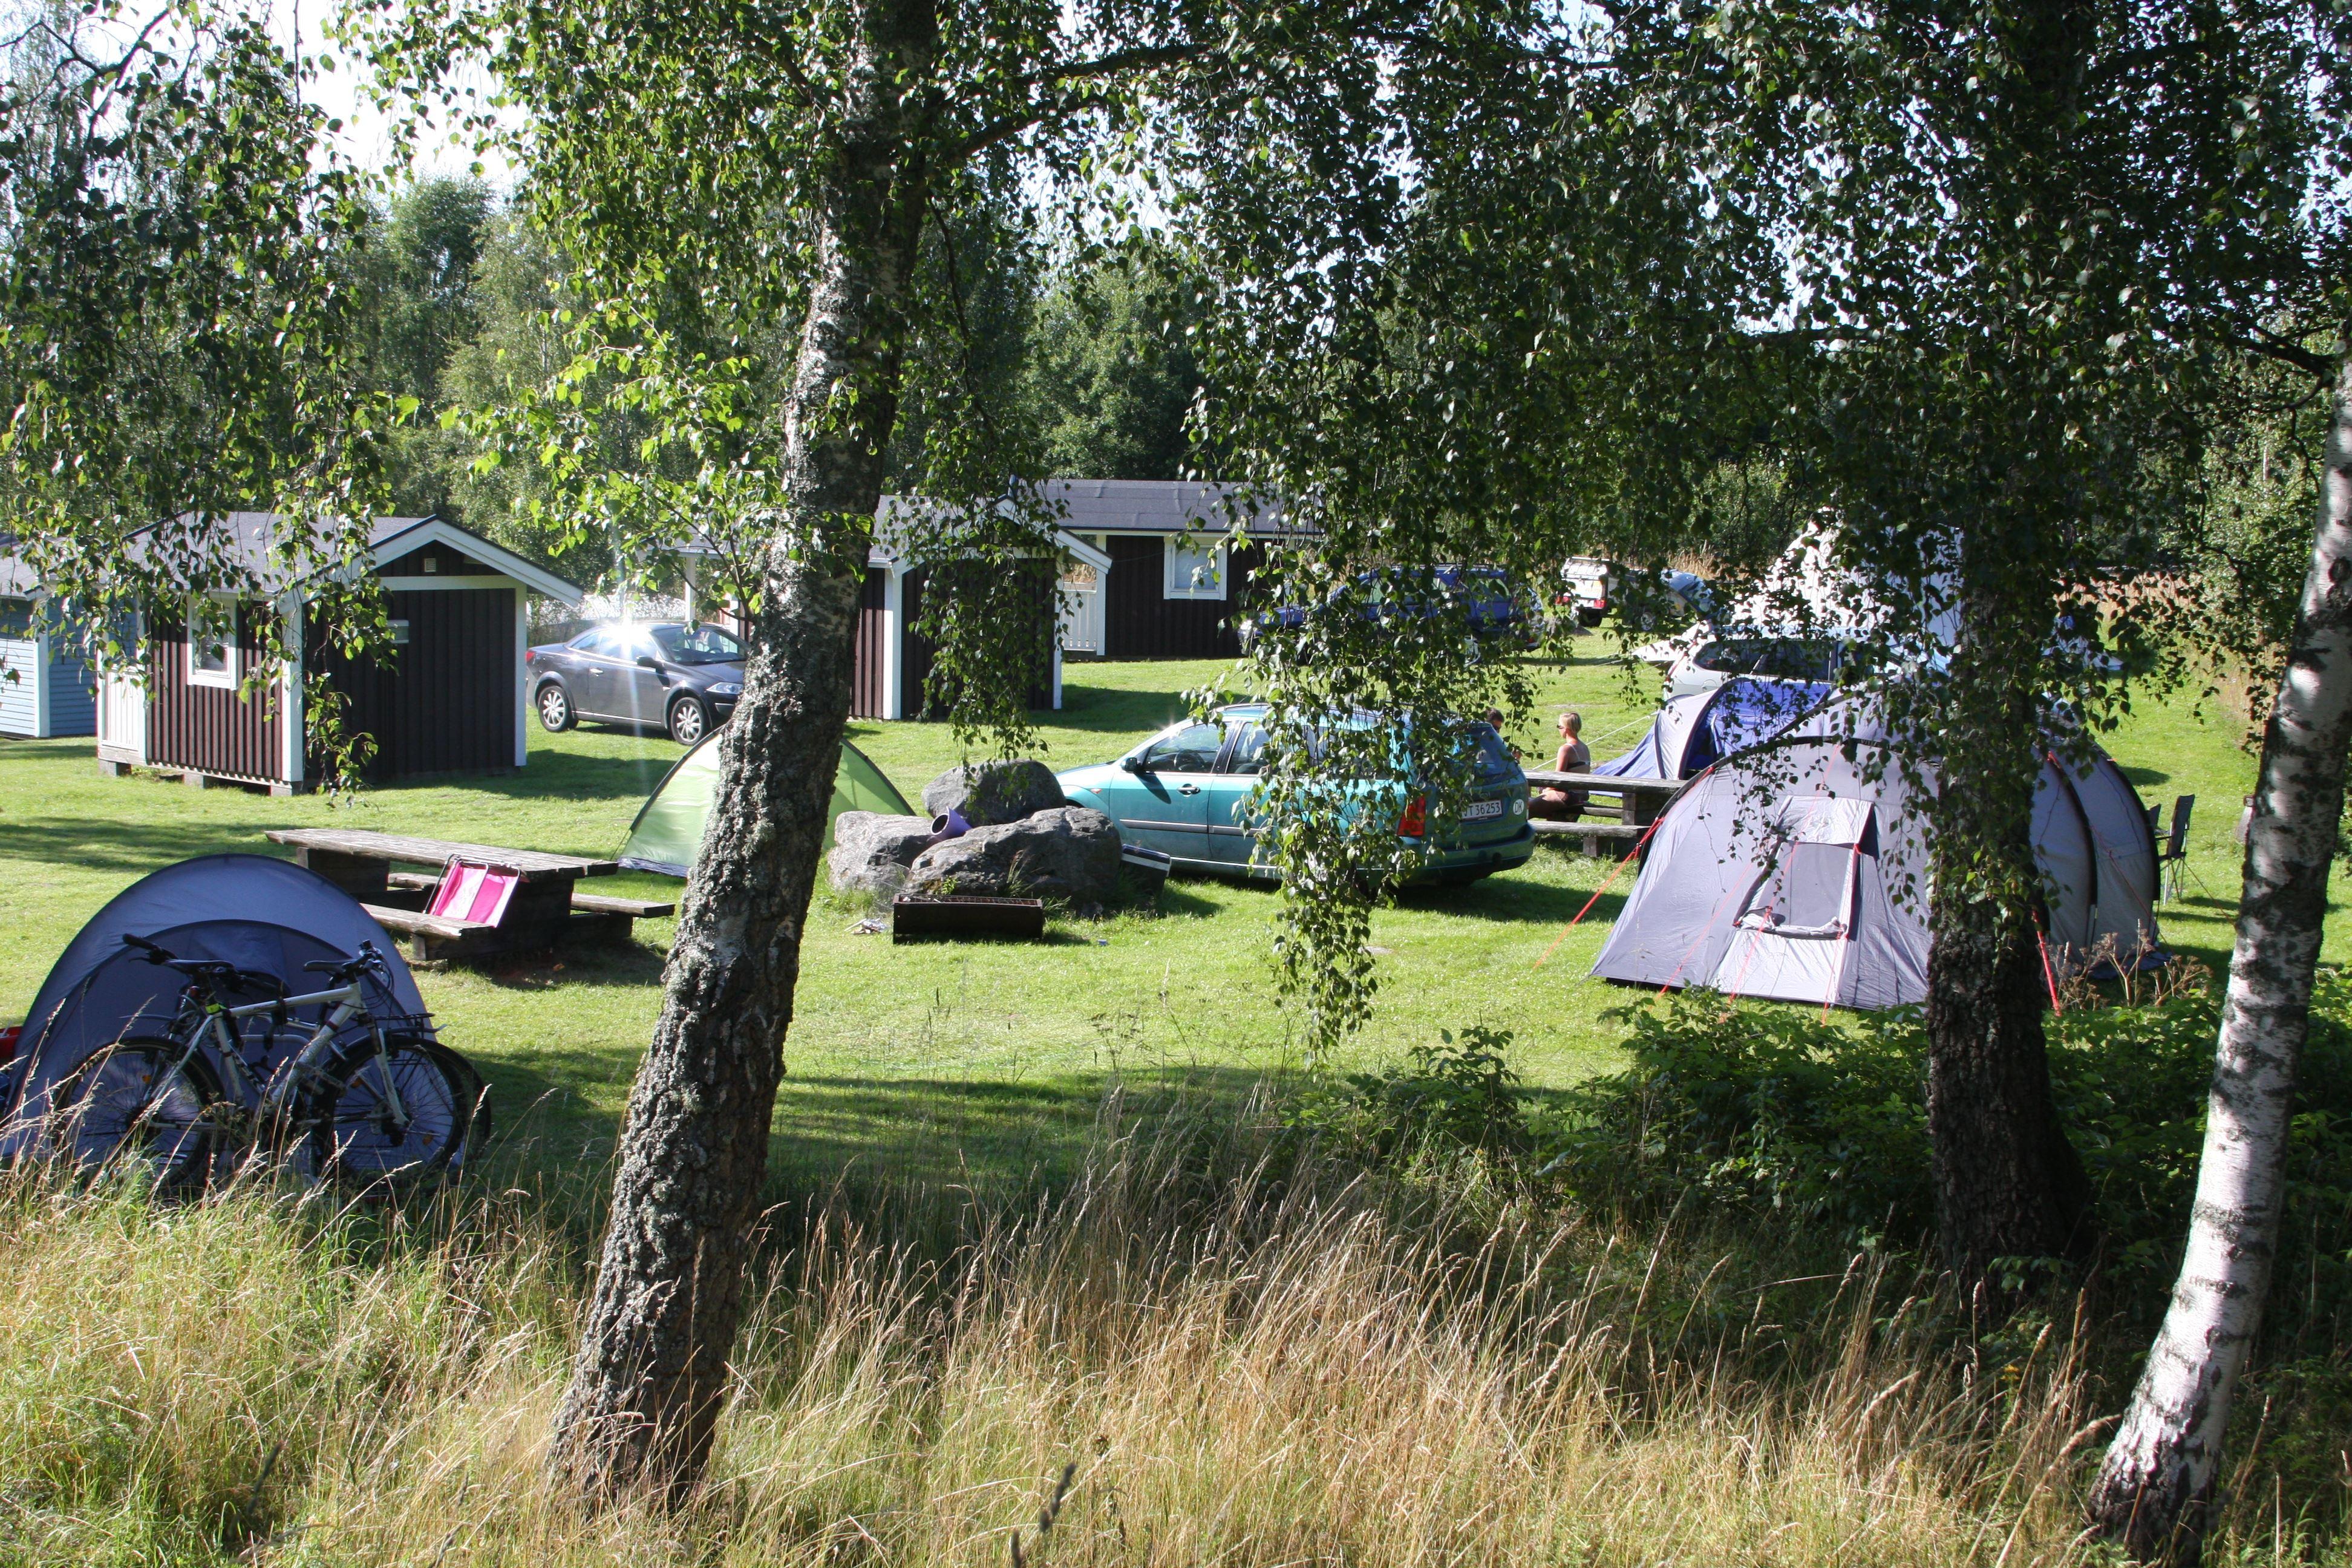 Luhrsjöbadens camping